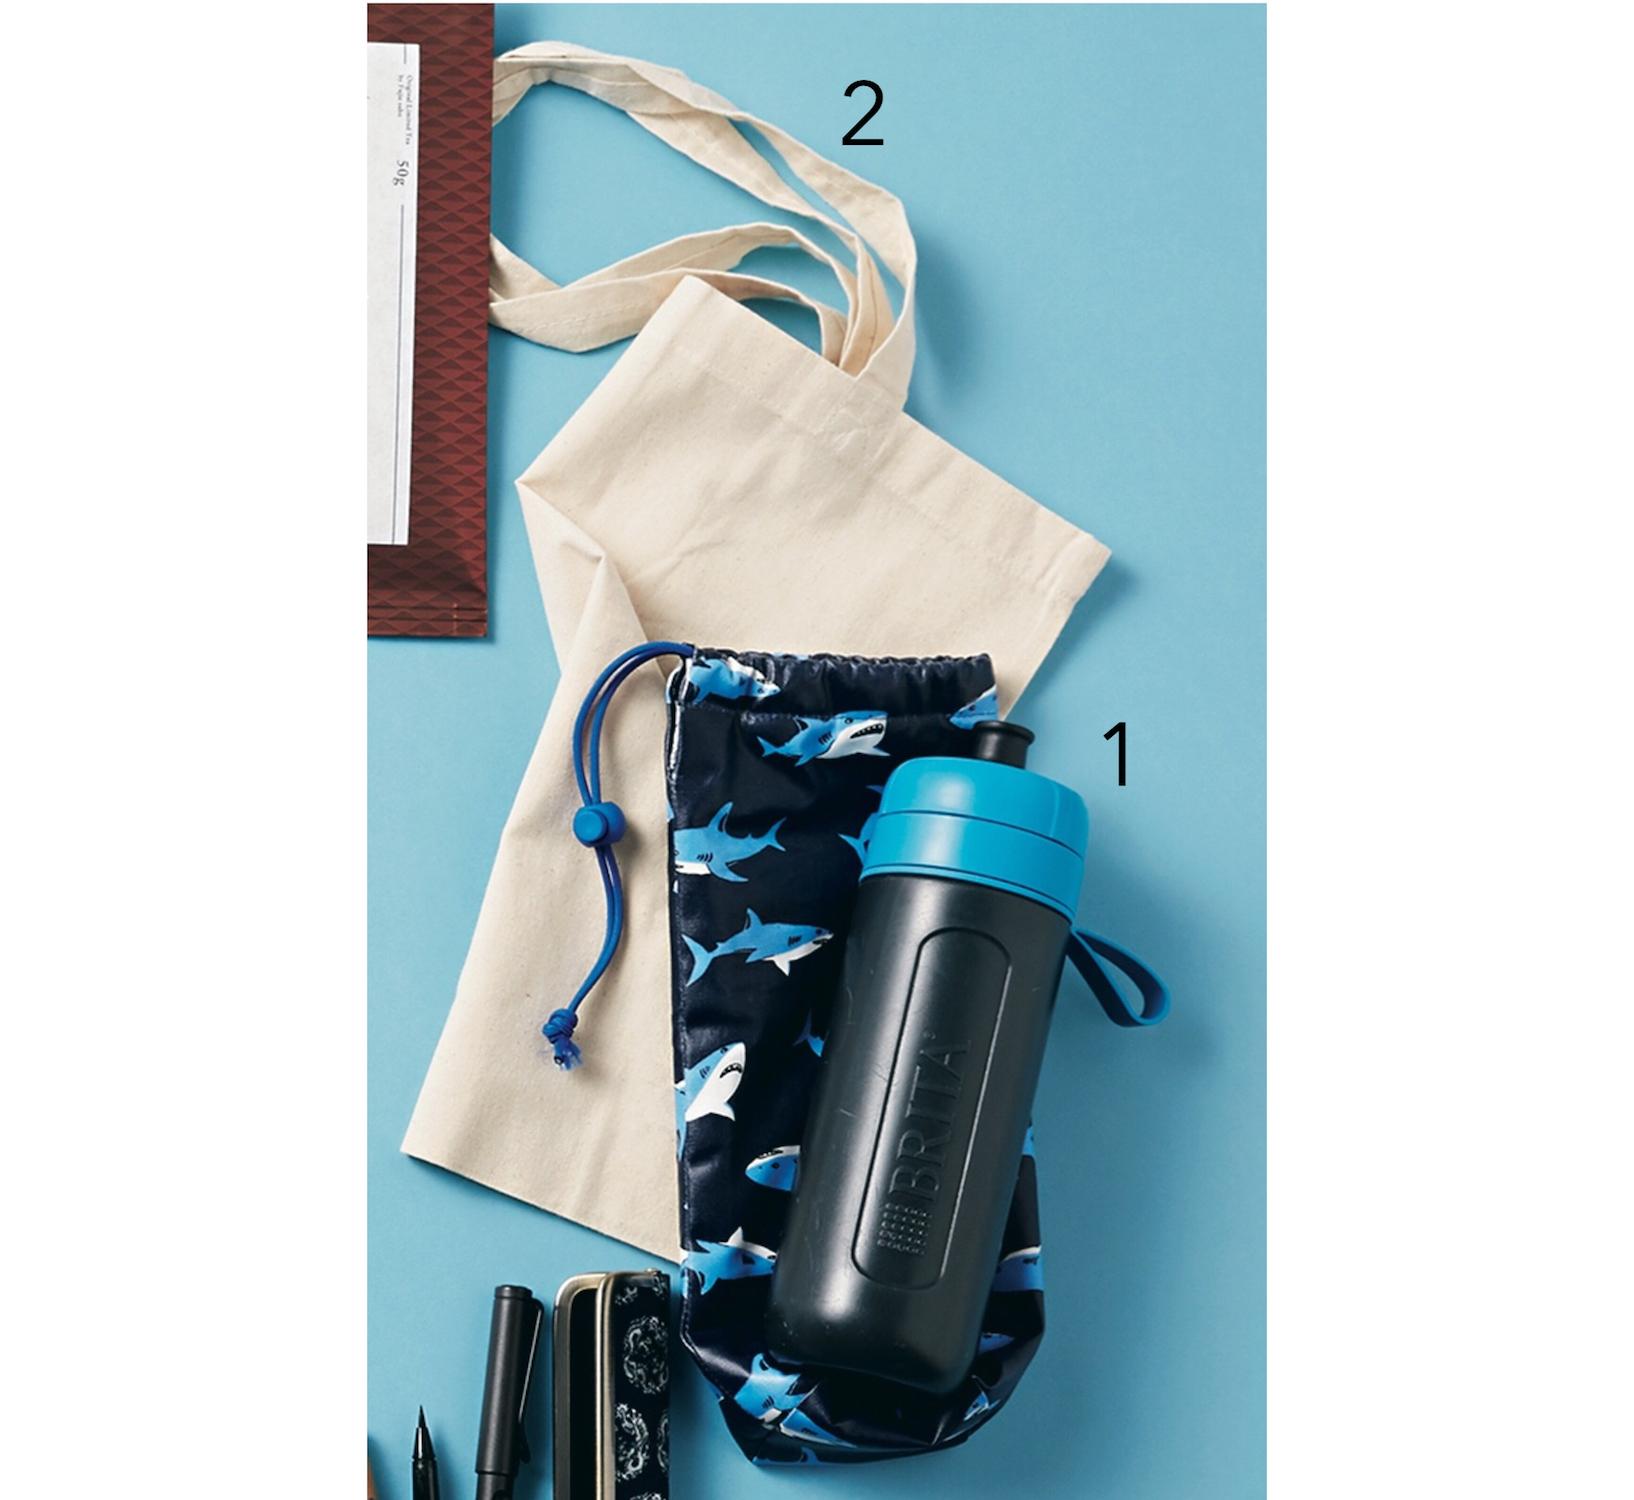 気鋭の書家アーティストのバッグは、ブルーで統一された物語のあるアイテムが美しい!【働く女のバッグの中身】_1_4